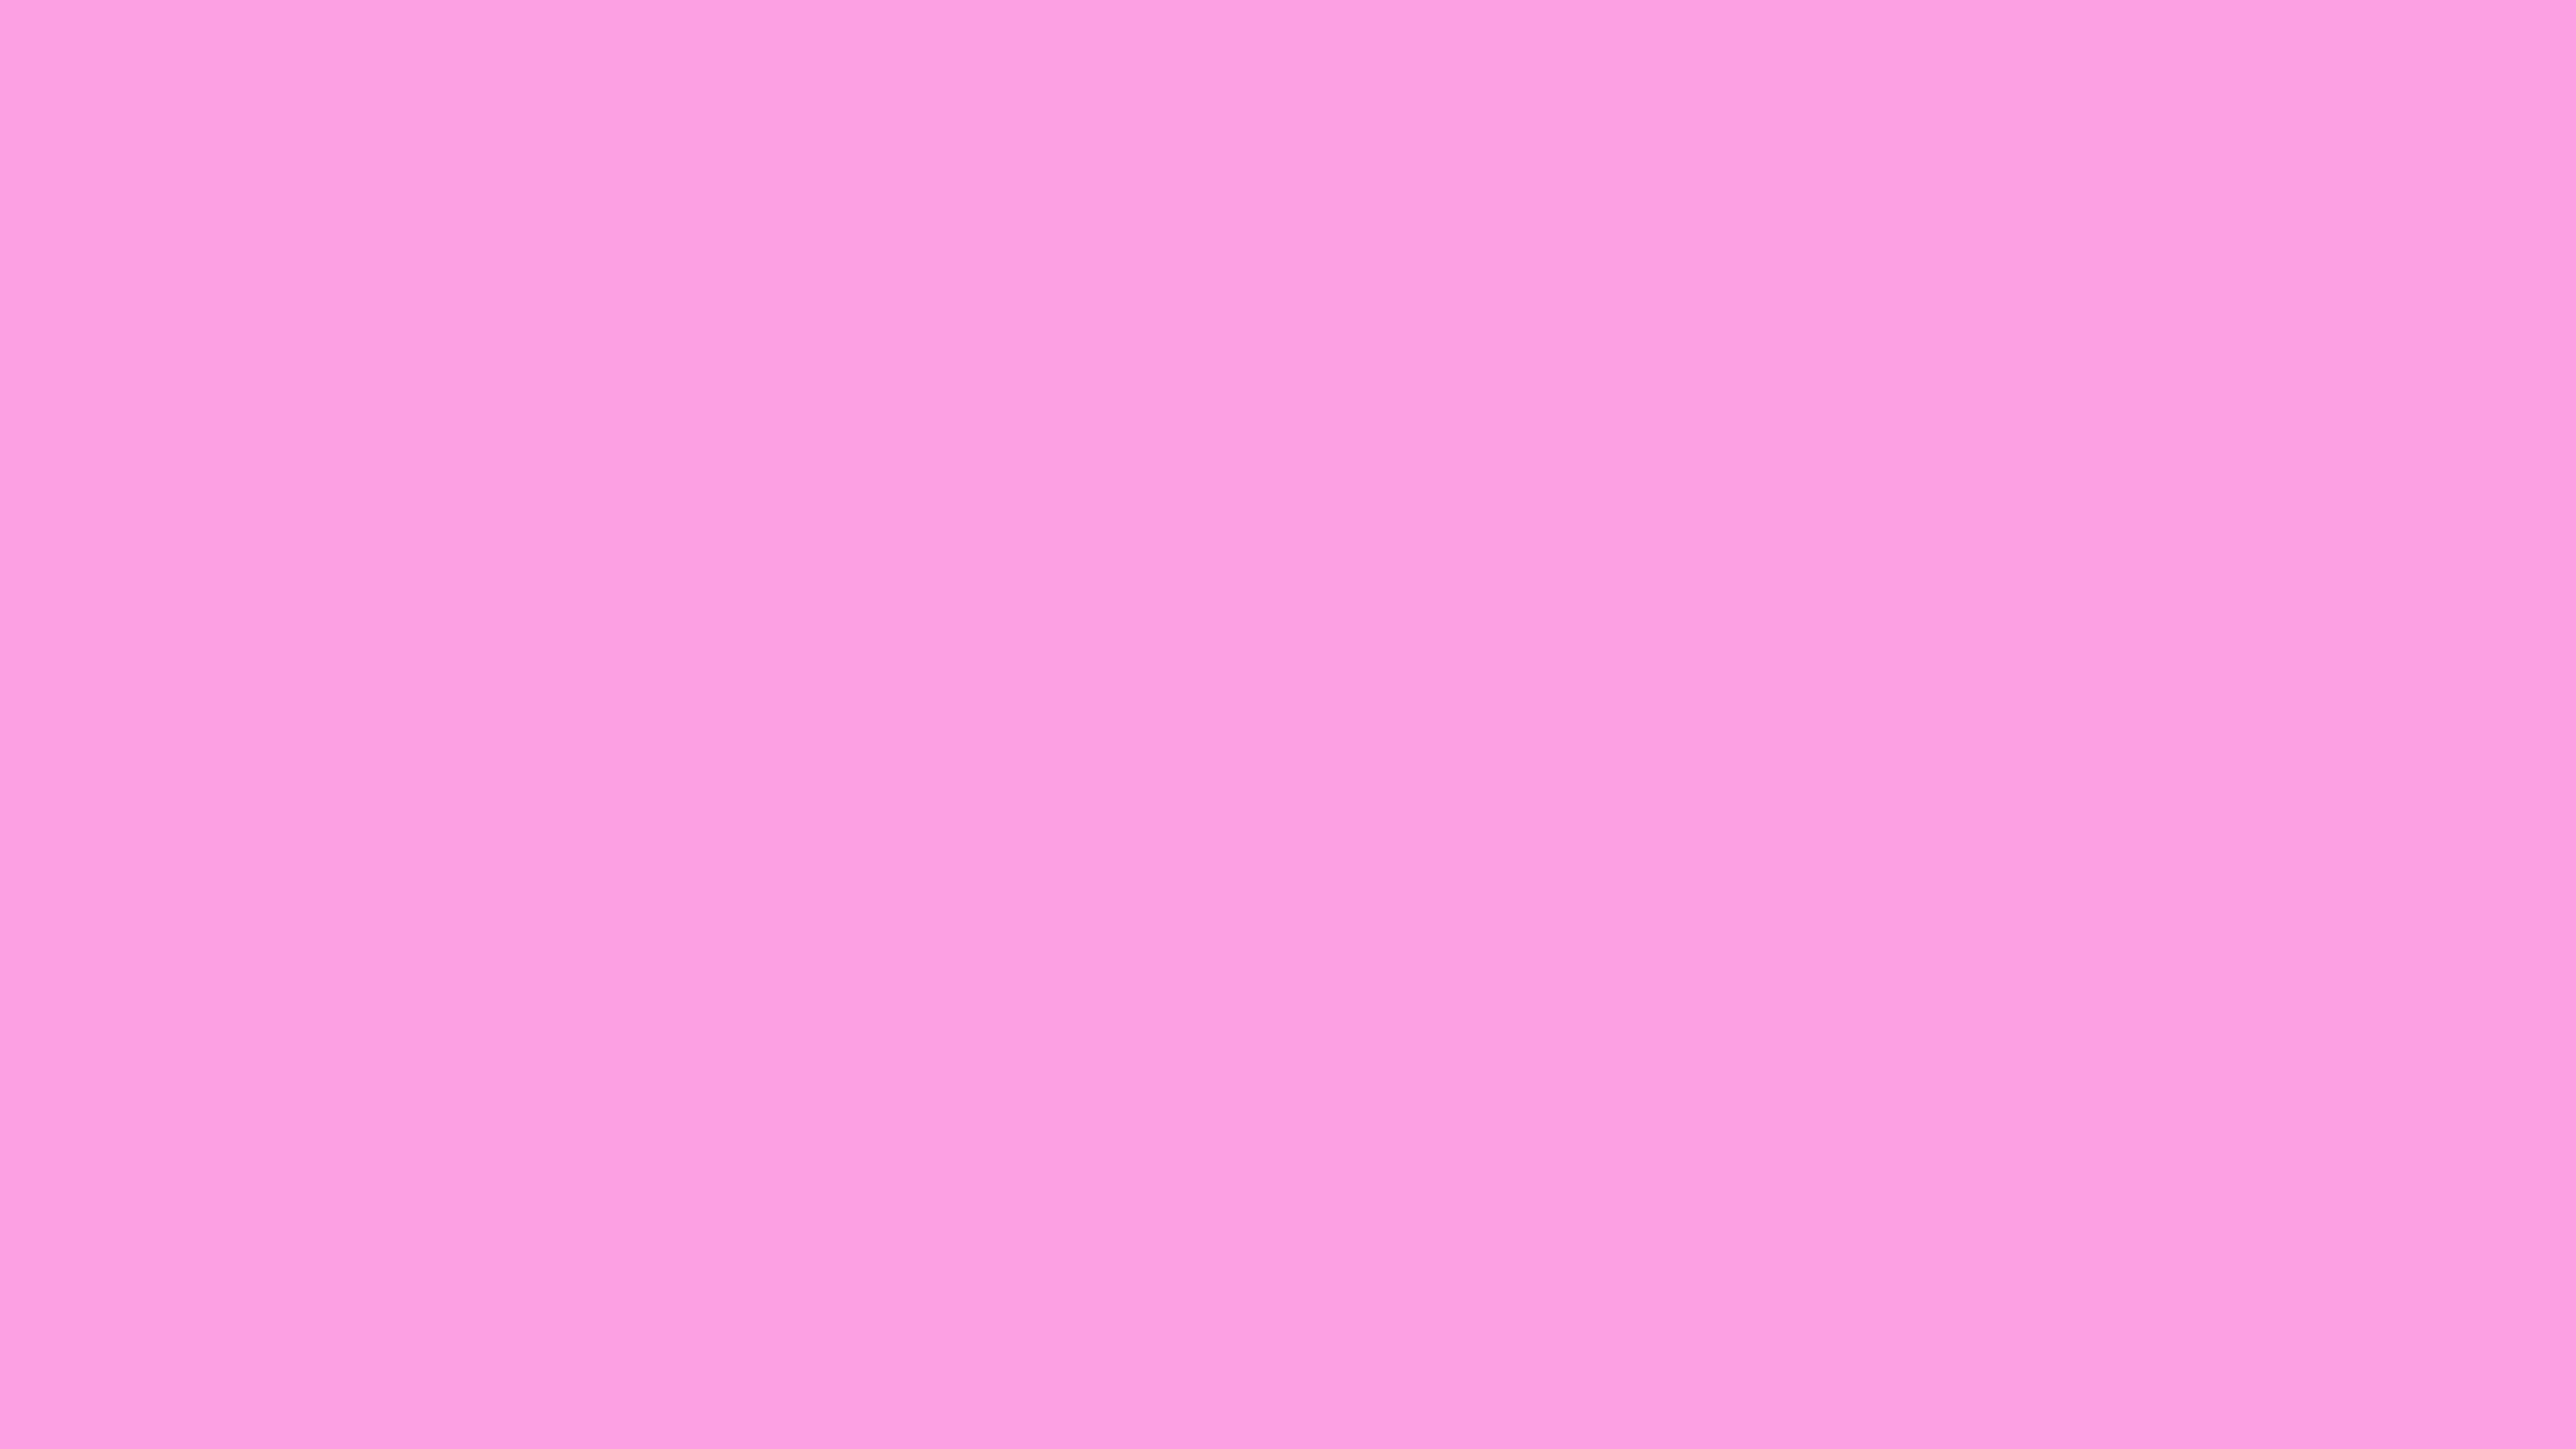 3840x2160 Lavender Rose Solid Color Background